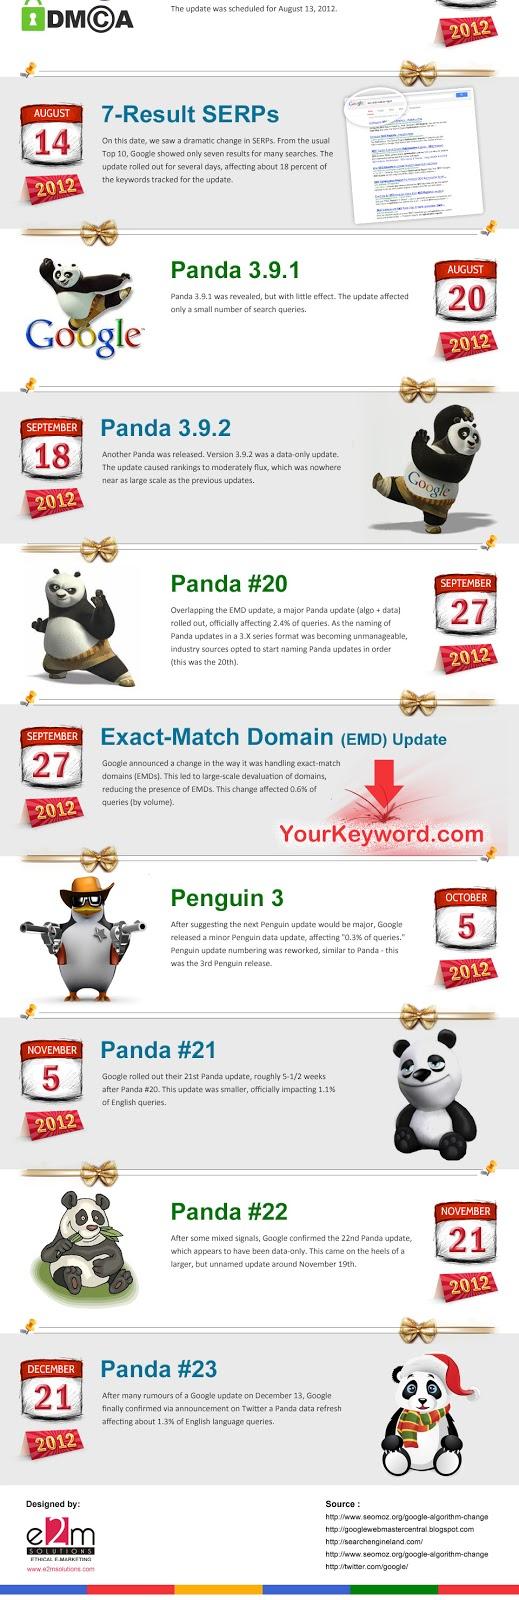 Mises à jour des algorithmes de Google en 2012 : domaines à mots clés exacts (EMD), Panda et Penguin